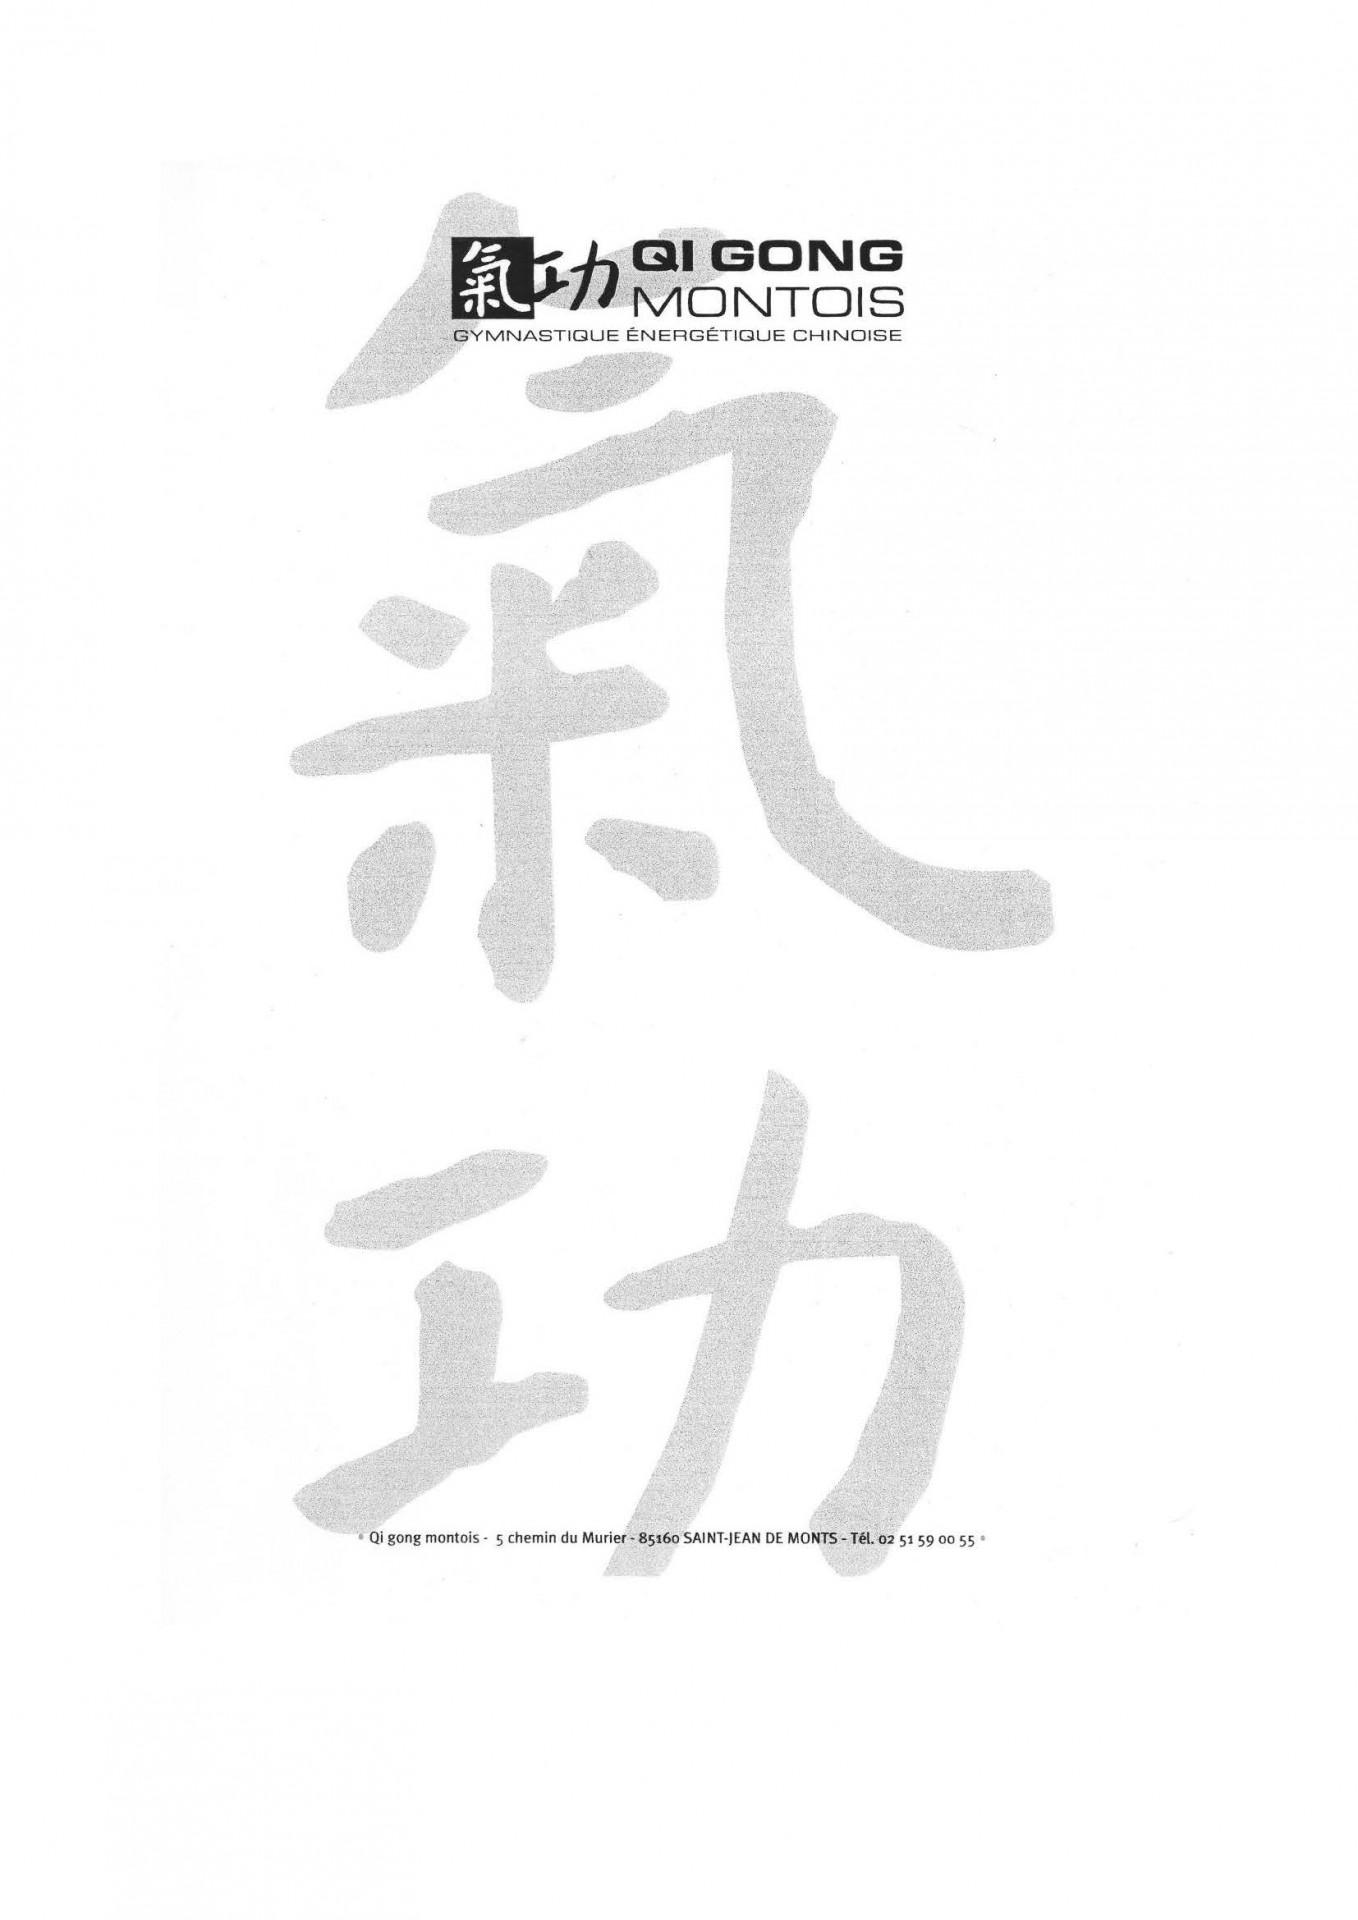 logo-qi-gong-montois-170562